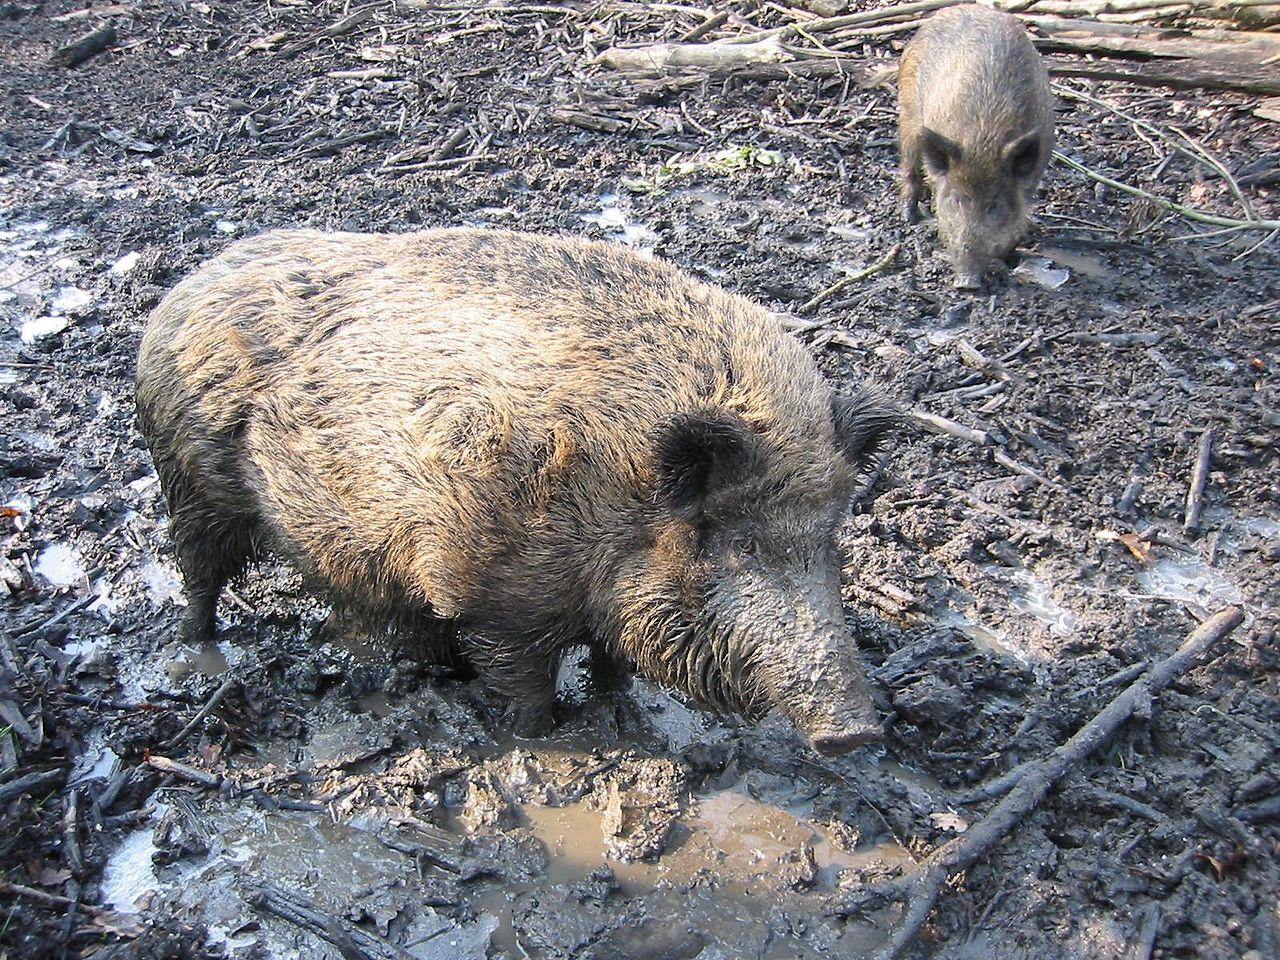 File:WildZwijn.jpg - Wikimedia Commons